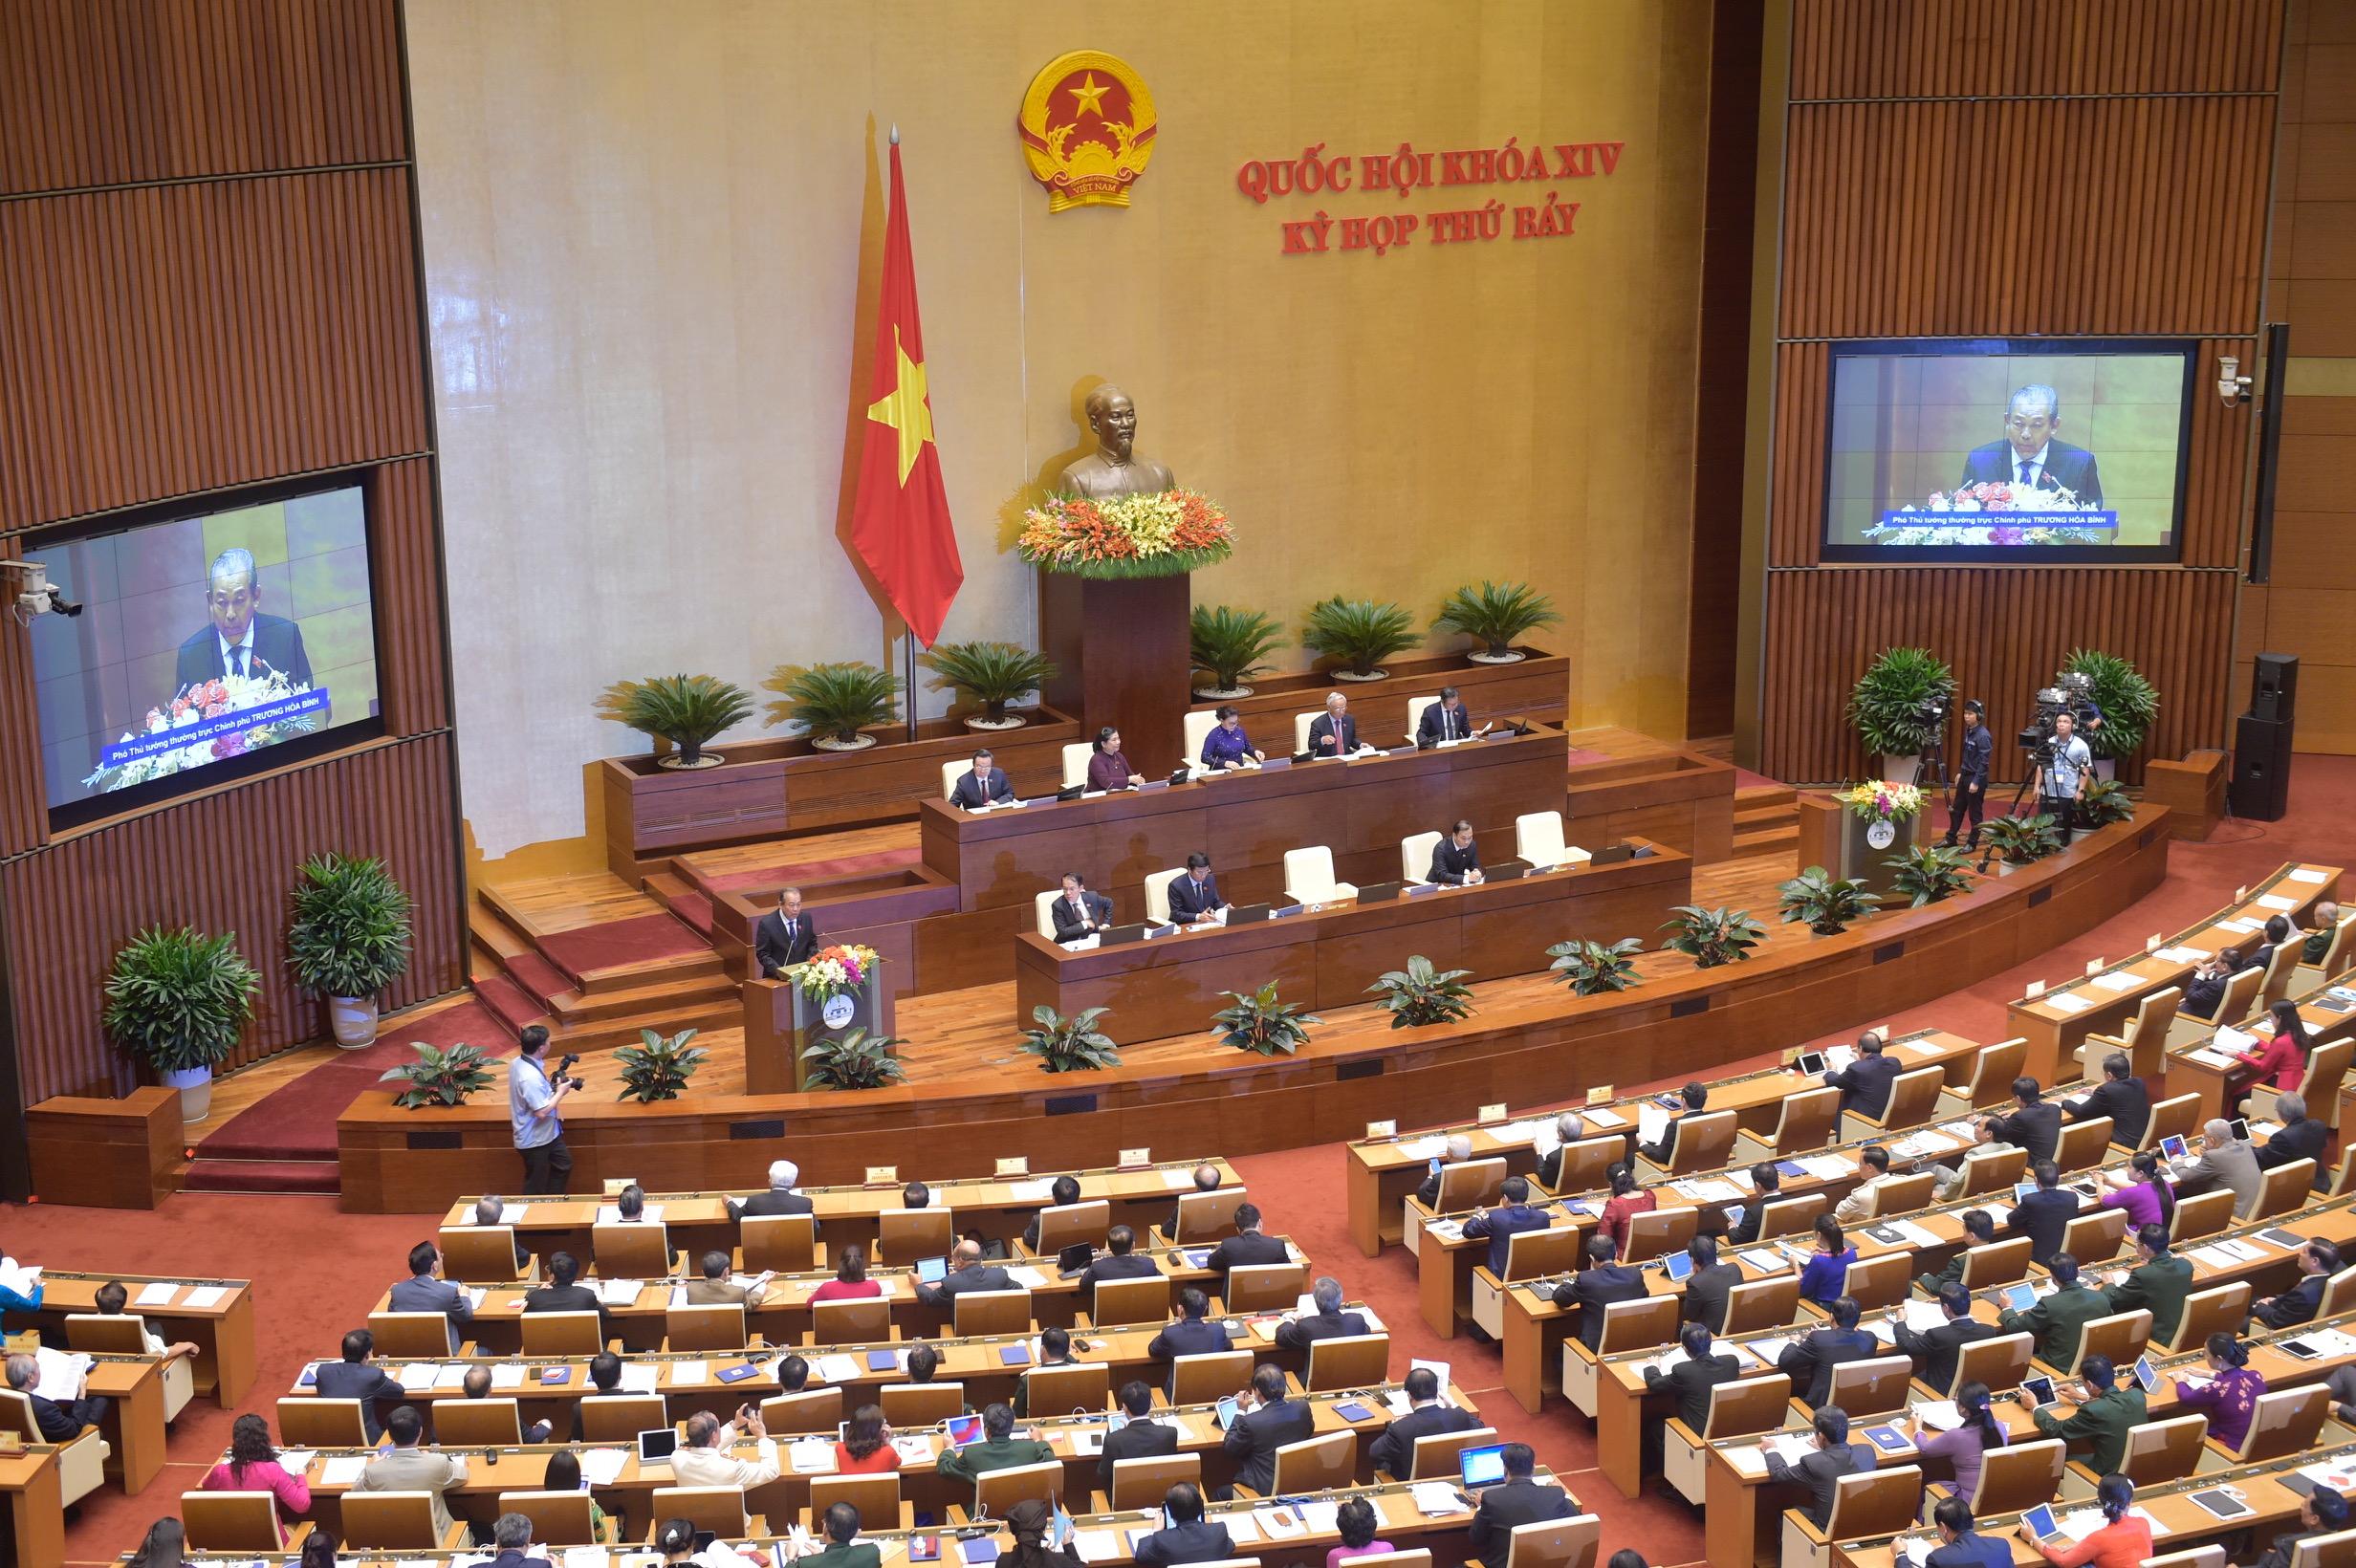 TRỰC TIẾP: Khai mạc kỳ họp thứ 7, Quốc hội khóa XIV